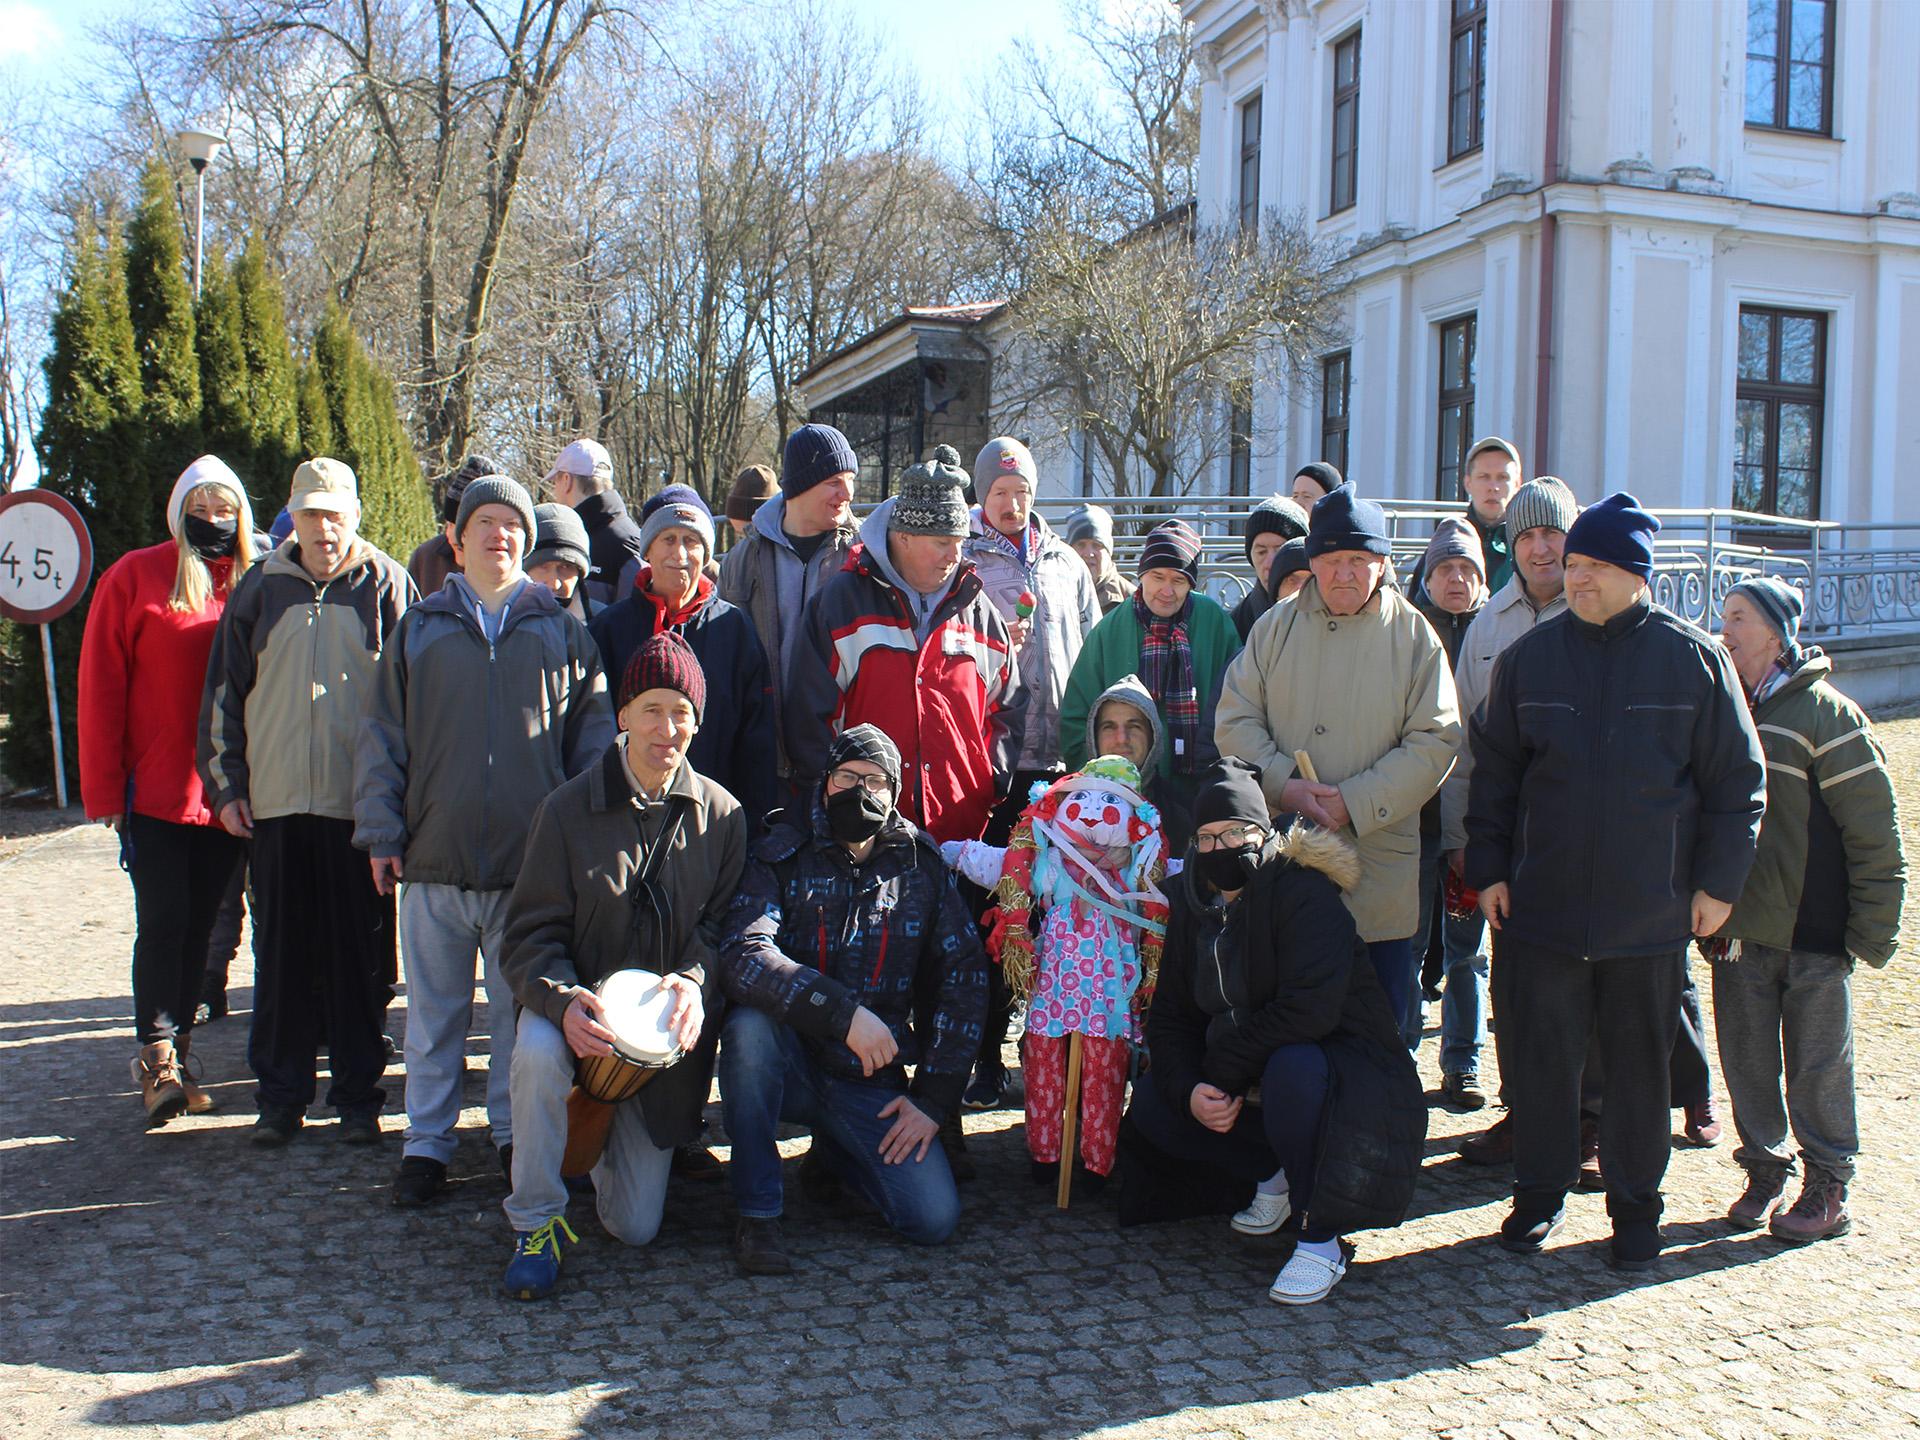 Grupa mieszkańców stojąca na betonowej kostce.